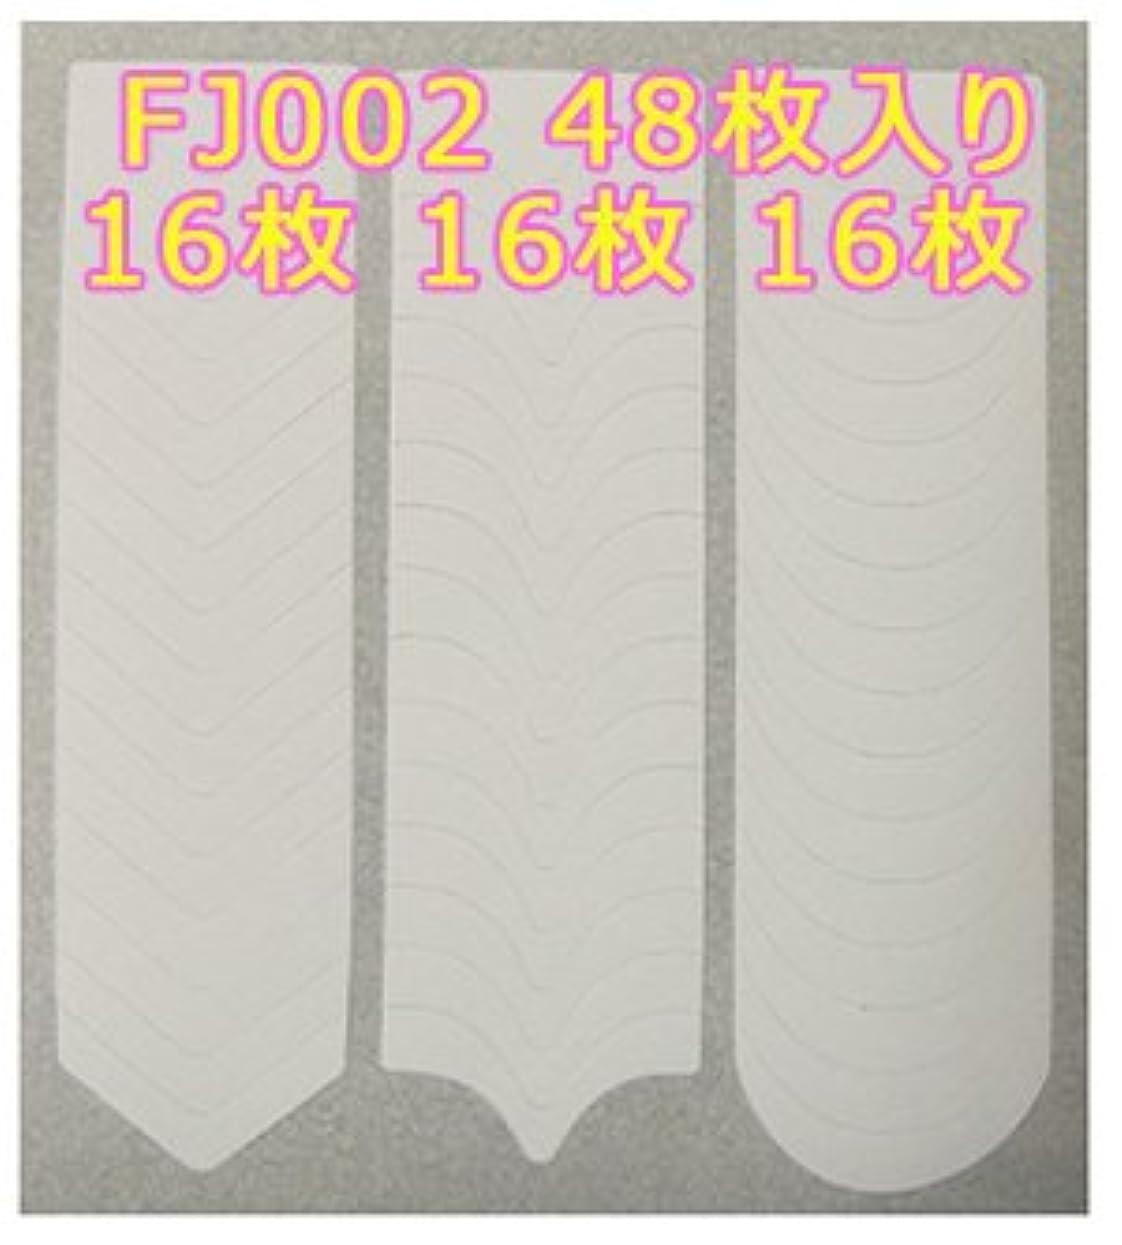 豚肉巨人インカ帝国フレンチガイドテープ/フレンチネイルシール/☆選べる4タイプ! (FJ002*48枚入り)